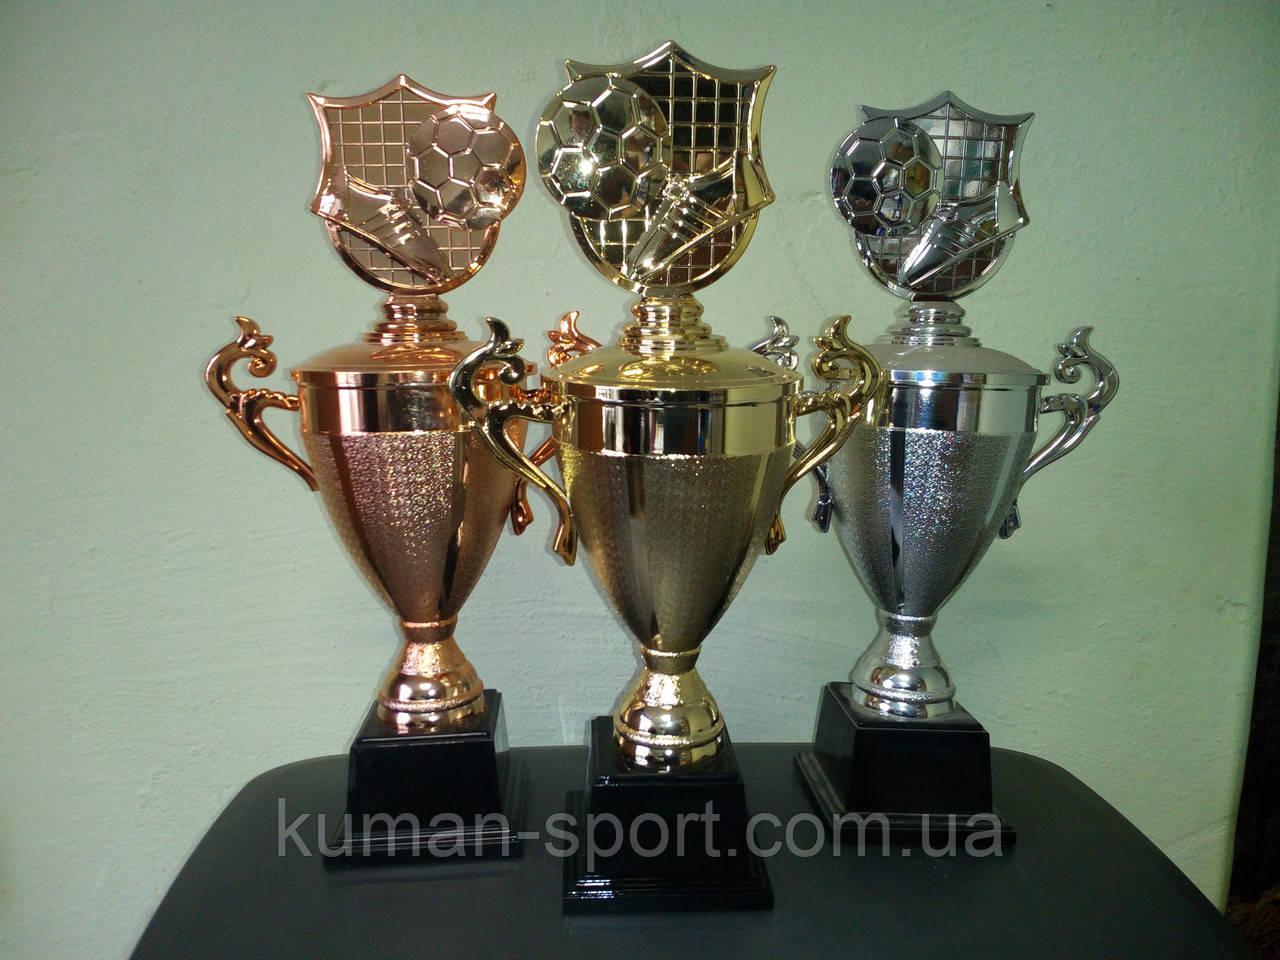 Кубок универсальный  бутса+мяч G,S,B,Н-34см,D-110мм